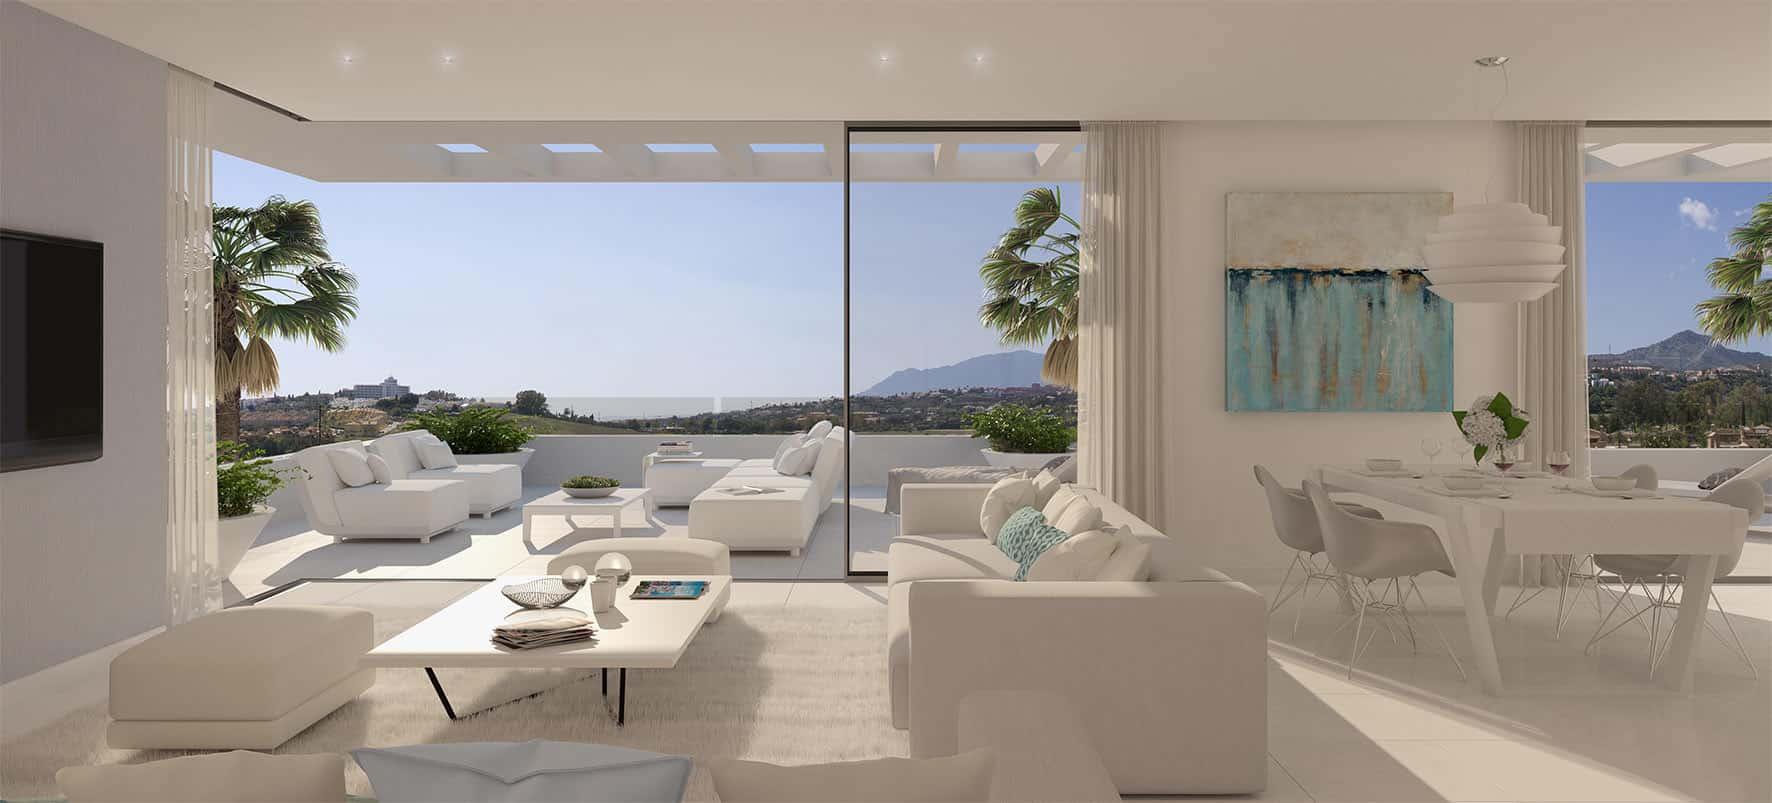 Cataleya estepona appartement te koop realista - Arredamento per esterno terrazzo ...